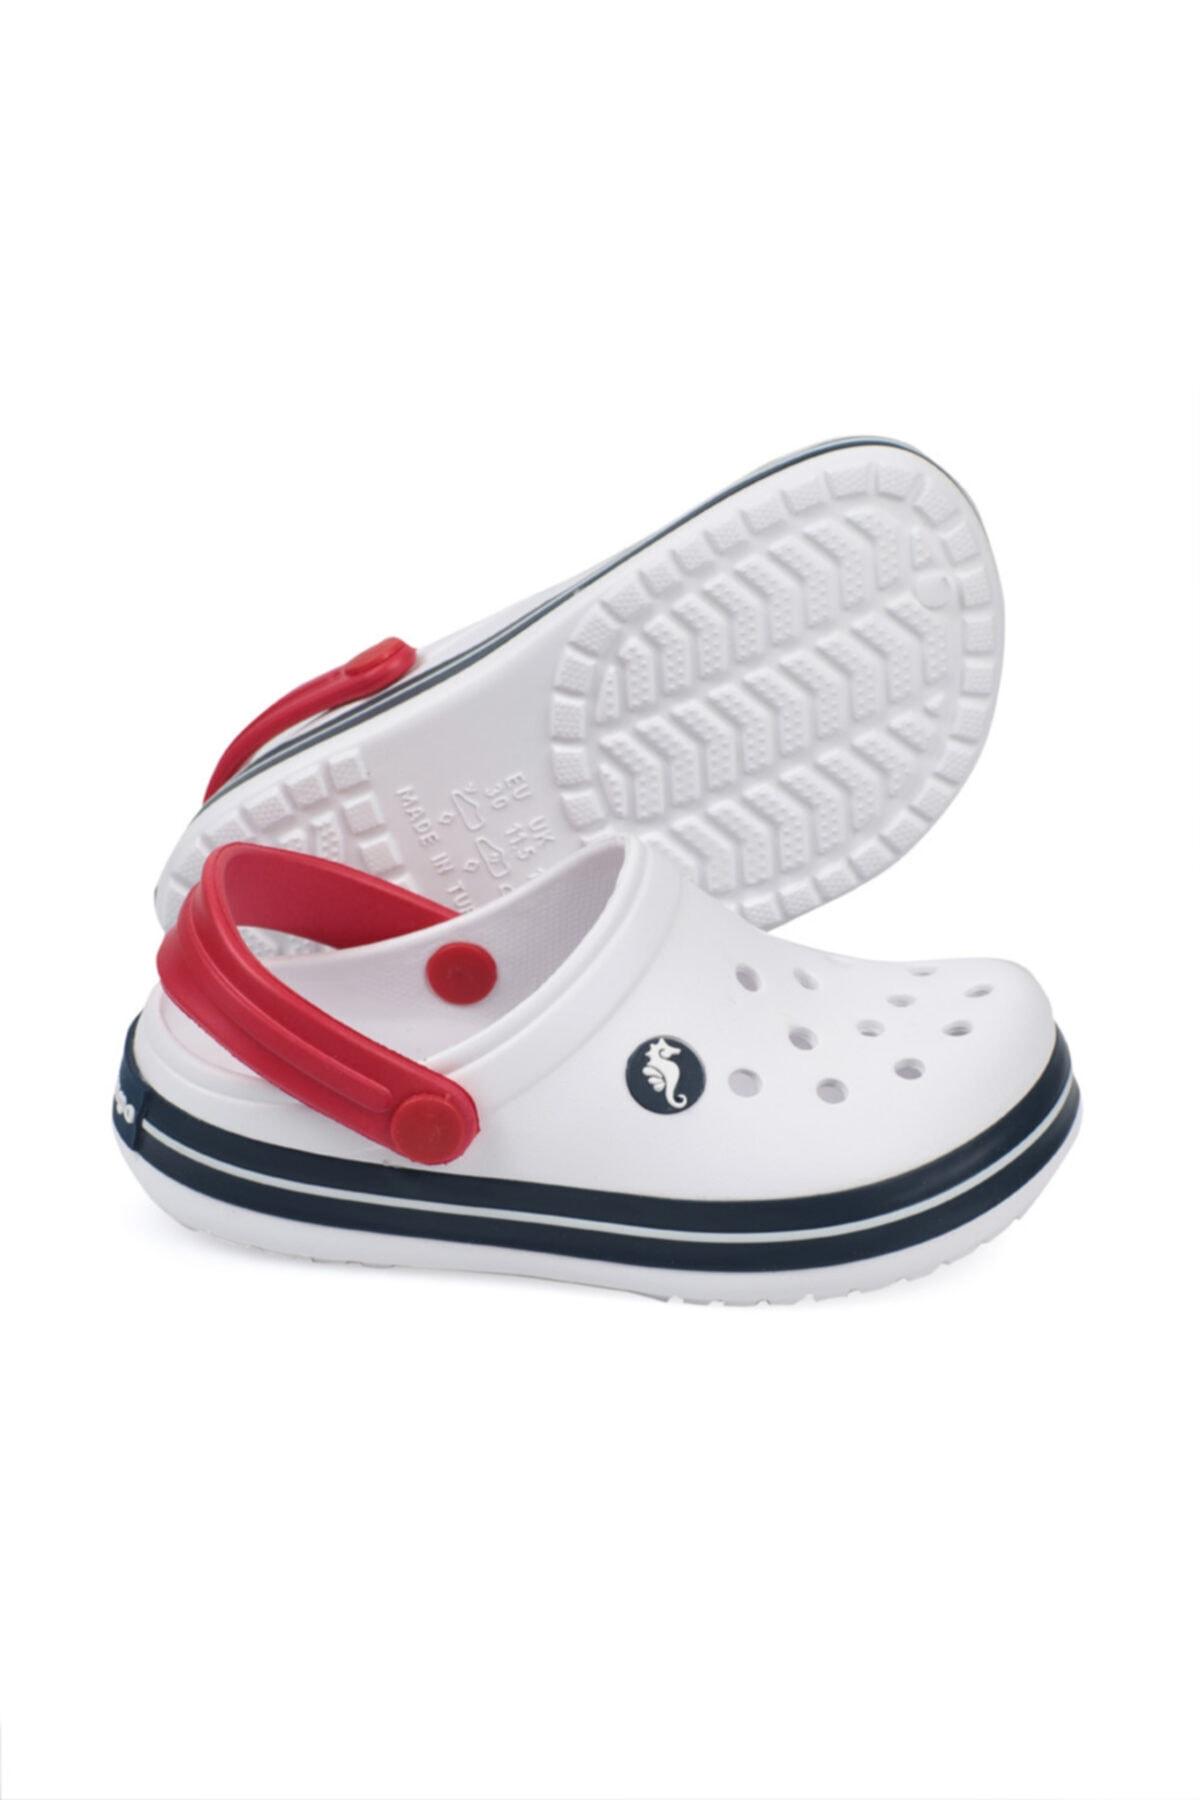 Çocuk Unisex Sandalet Terlik